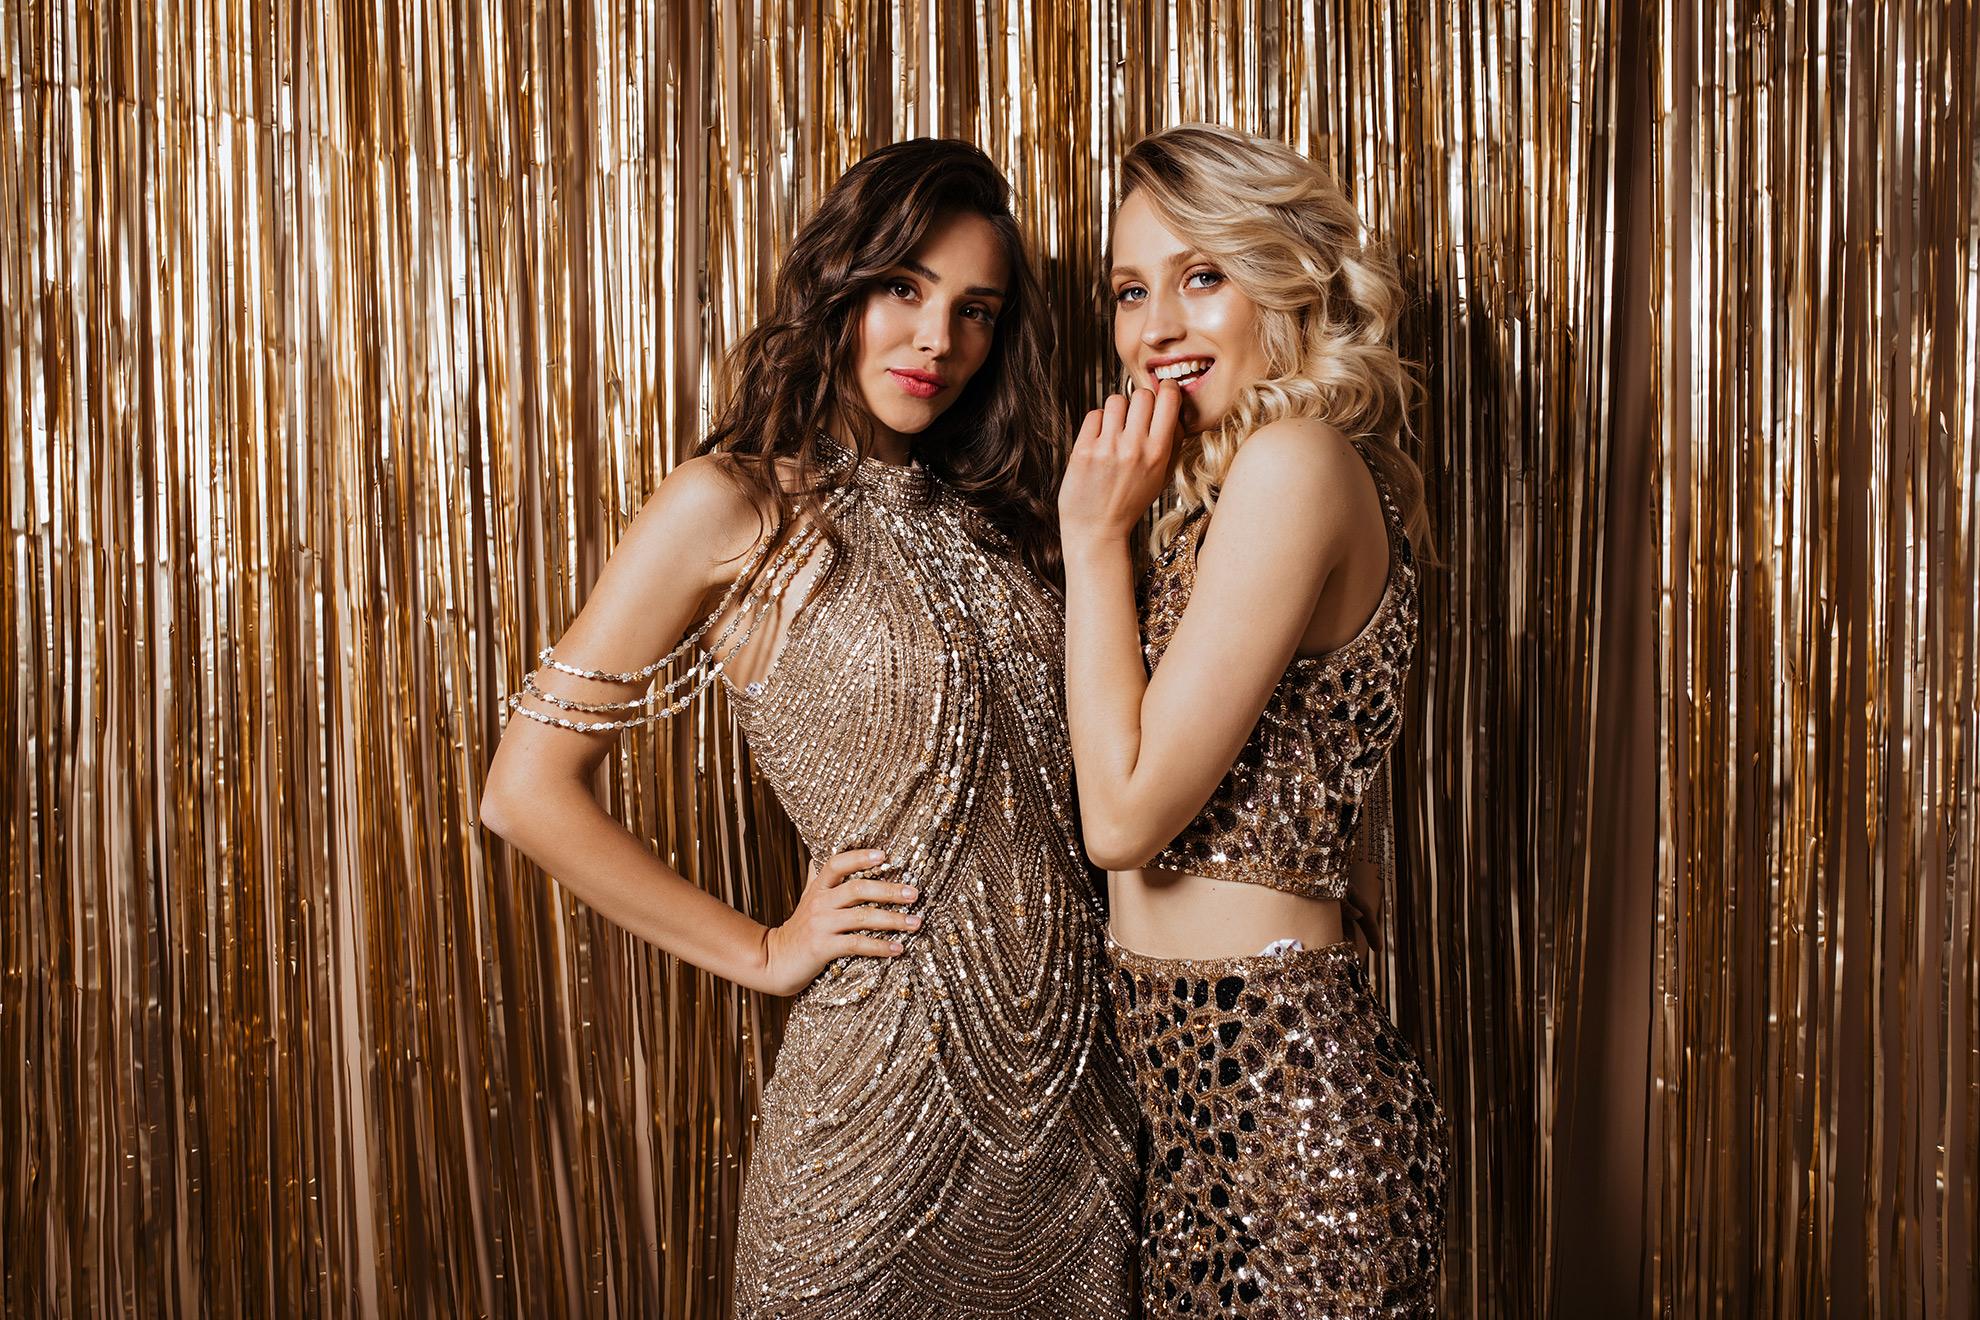 Kobiety w złotych sukienkach, ilustracja do artykułu